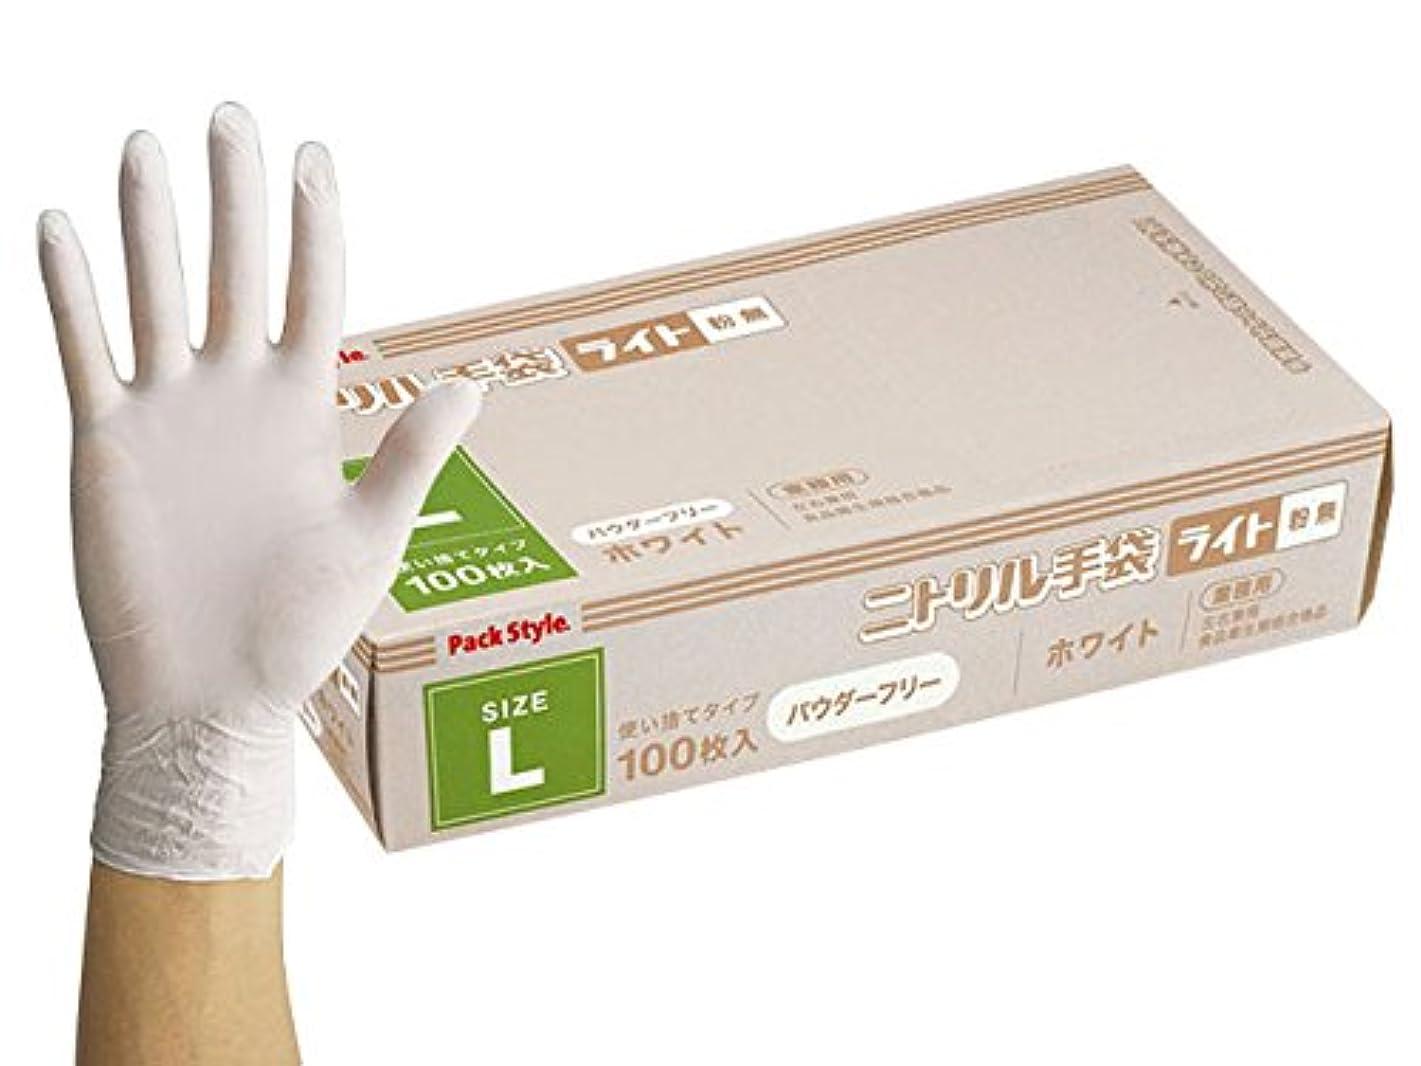 慣れる酸化物彼らパックスタイル 業務用 使い捨て ニトリル手袋 ライトT 白?粉無 L 3000枚 00540456